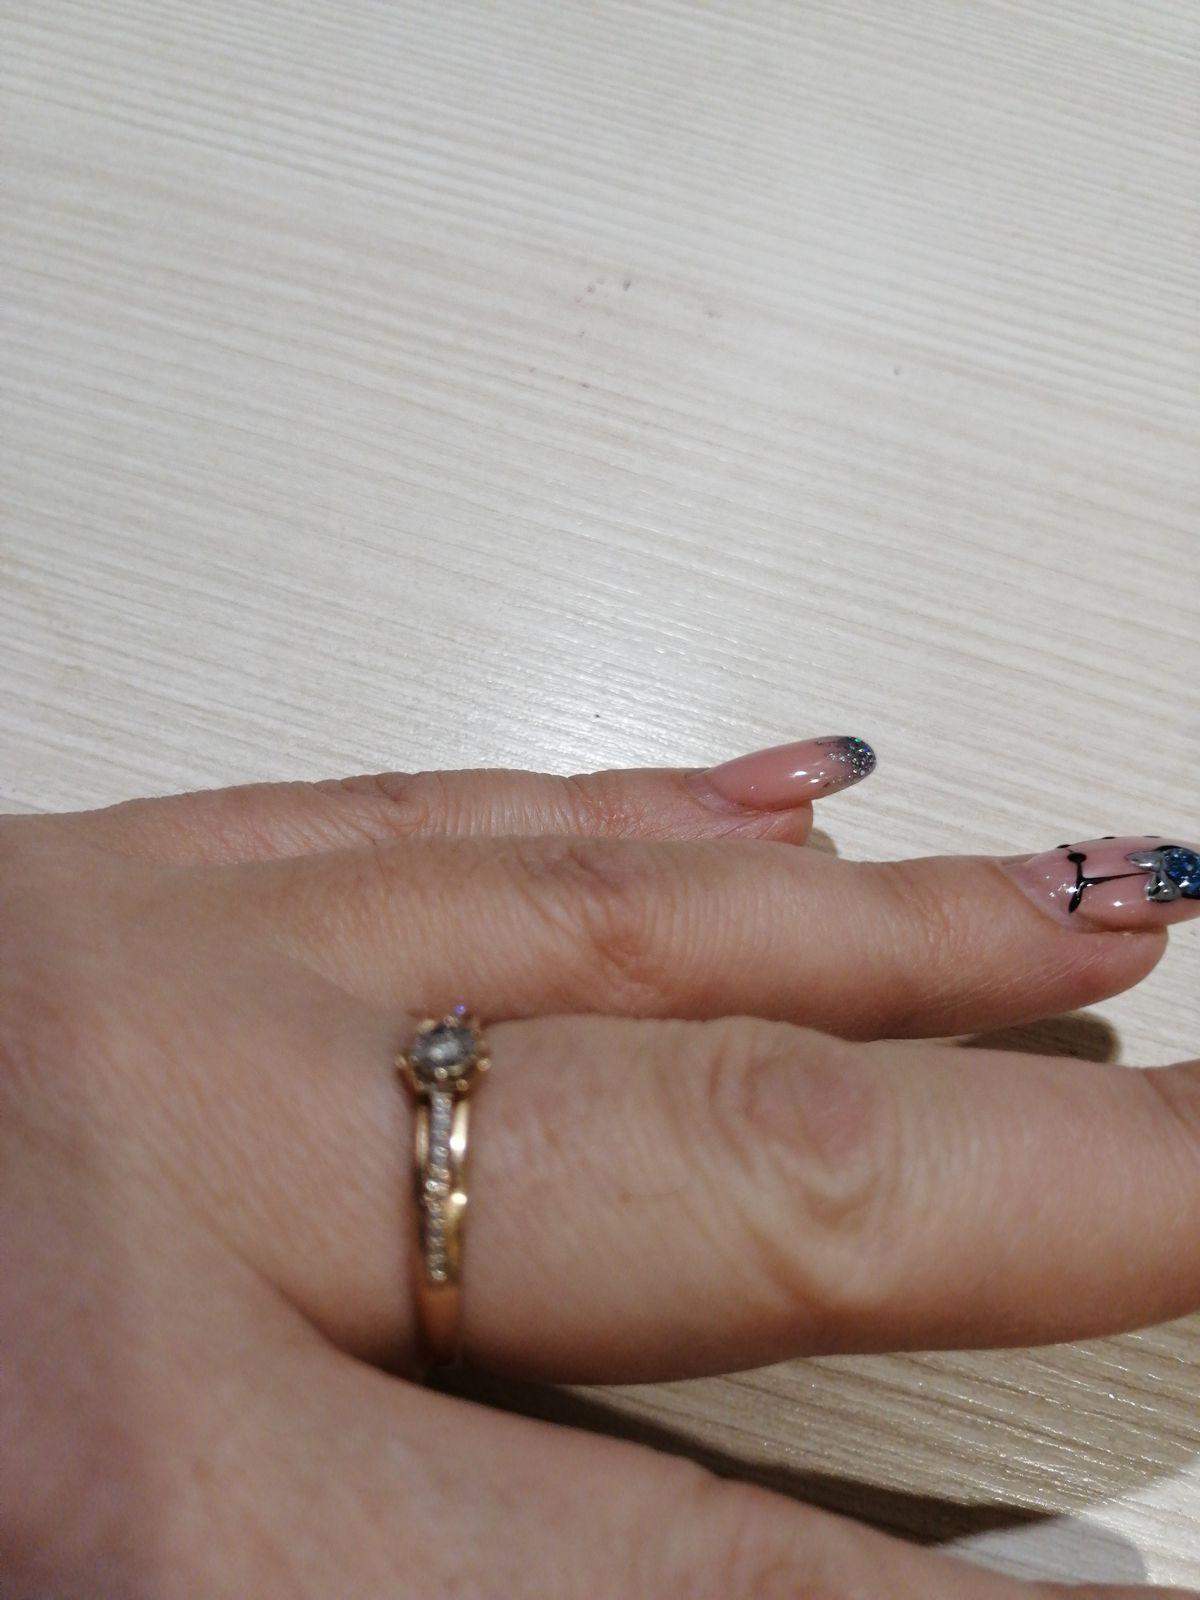 Давно мечтала о кольце с бриллиантами!